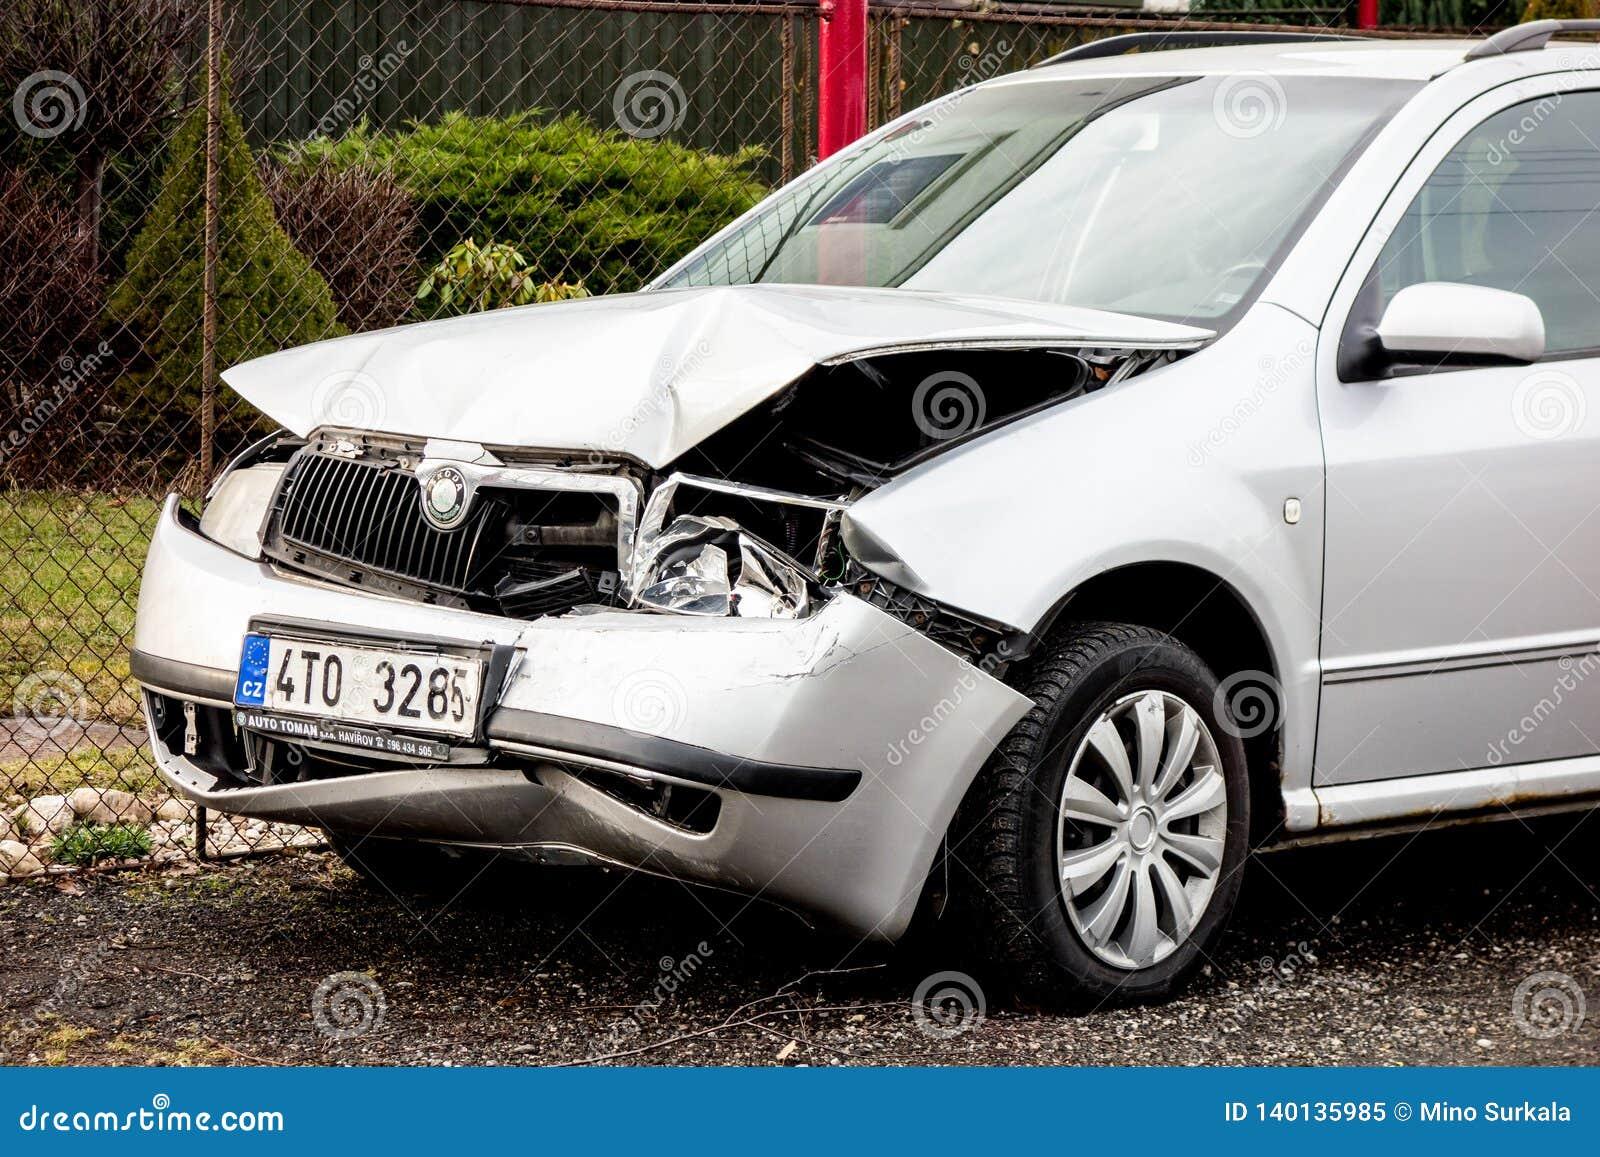 Μια λεπτομέρεια ενός ασημένιου τσεχικού αυτοκινήτου Skoda Fabia συνέτριψε σε ένα μετωπικό τροχαίο ατύχημα